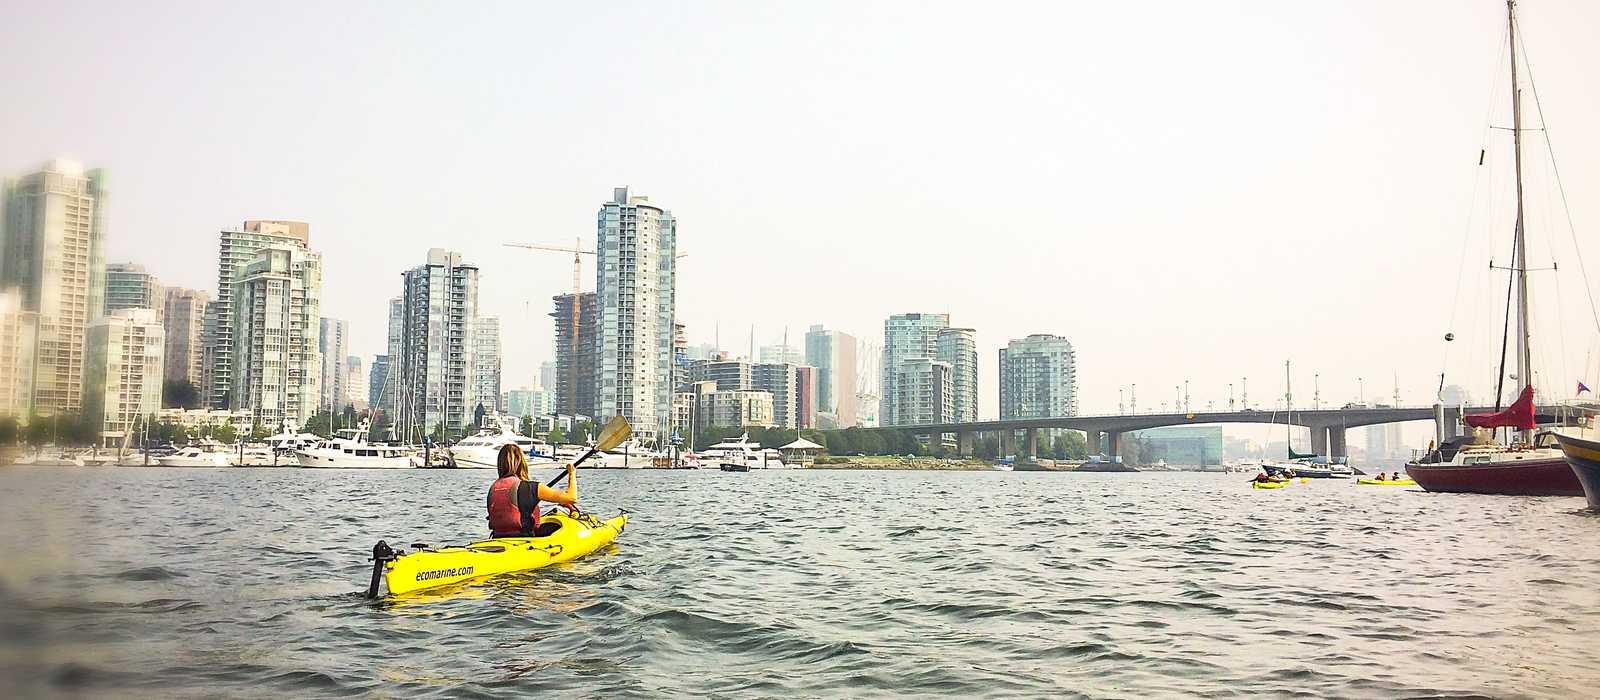 Kajak fahren in der English Bay von  Vancouver